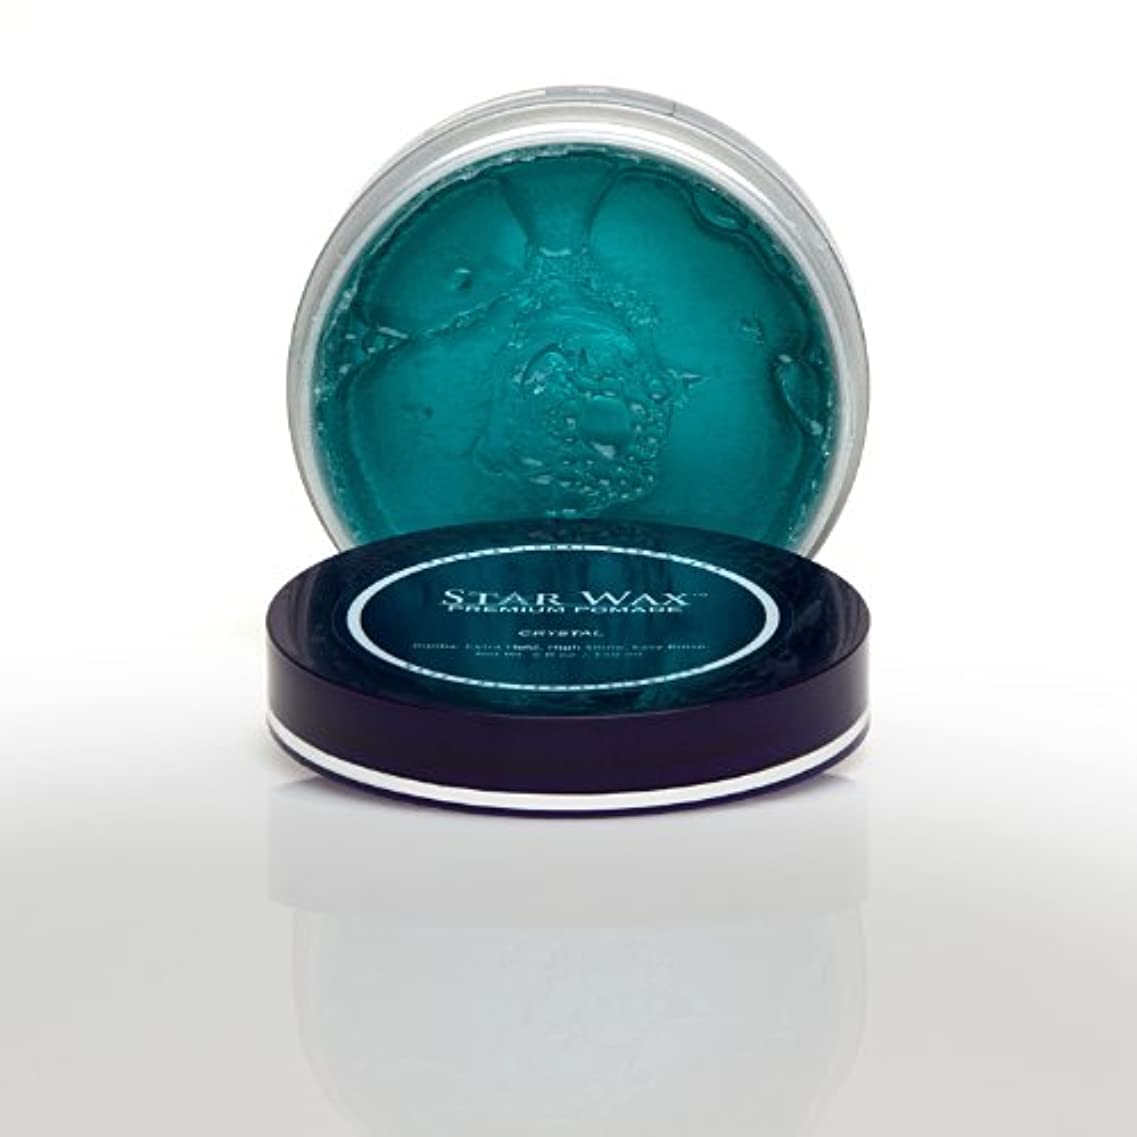 王室テキスト豊富なStar Wax | Premium Pomade, Crystal(スターワックスプレミアム ポマード「クリスタル」)?Star Pro Line(スタープロライン)製?5(液量)オンス/150ml